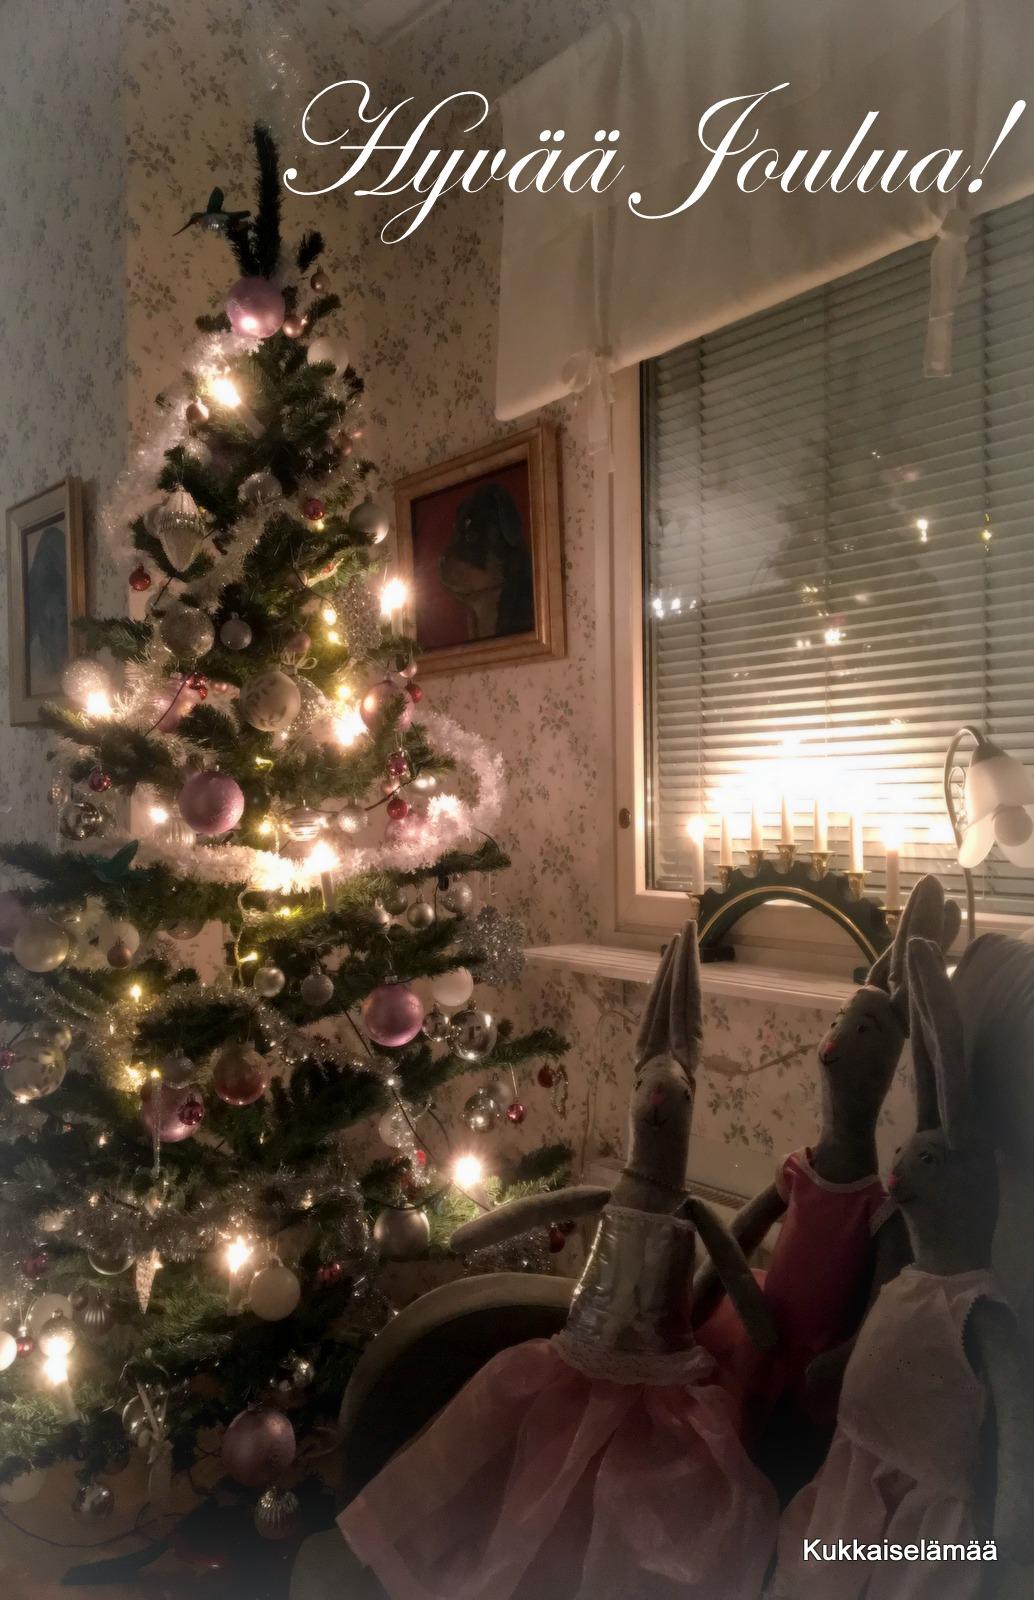 Hyvää Joulua! – Merry Christmas!